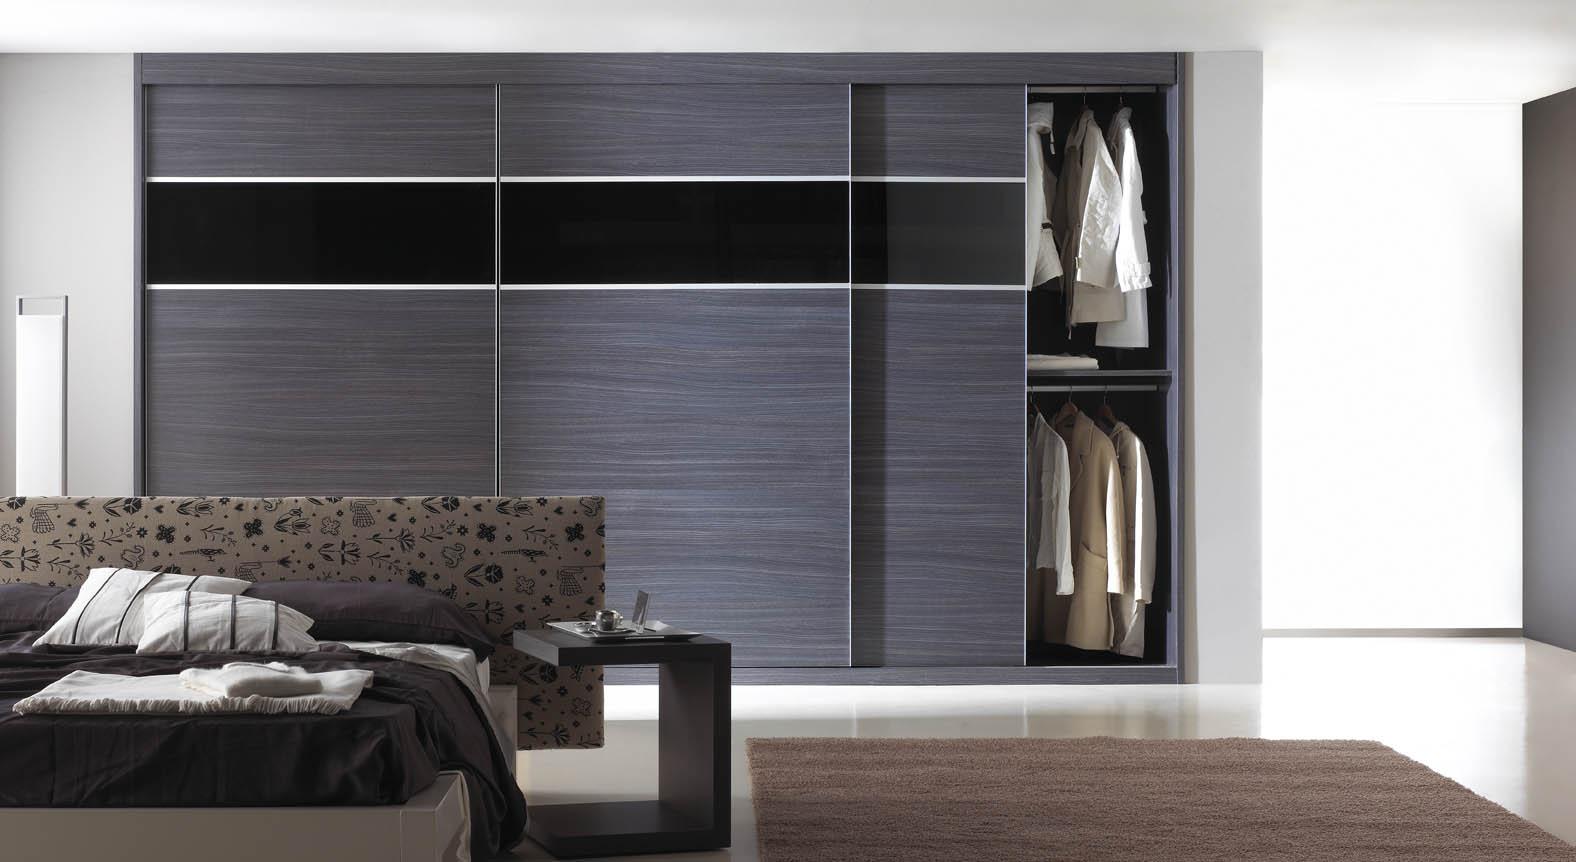 Baños Lujo Vestidores:HABITAT PROYECTOS – Elegantes muebles de lujo – Cocinas de Diseño